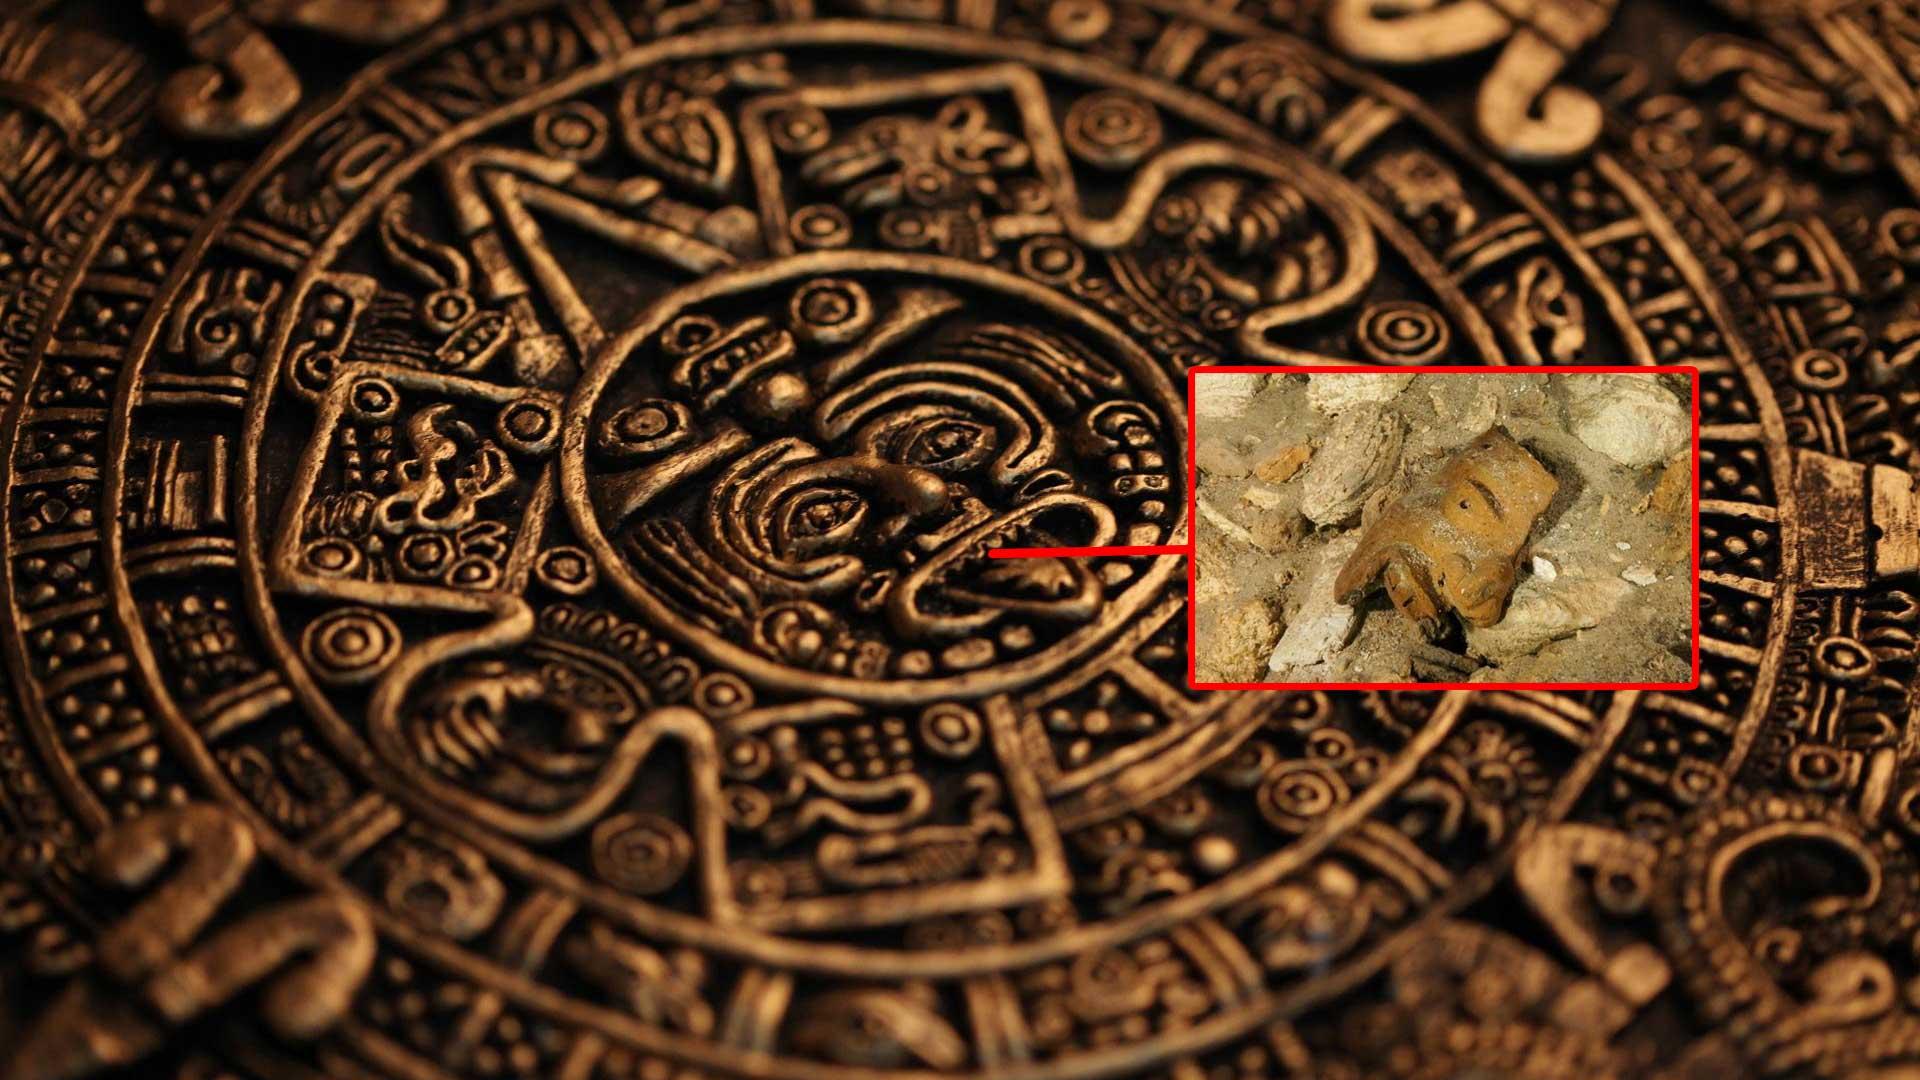 Artefactos mayas hallados en cuevas submarinas revelan una historia asombrosa